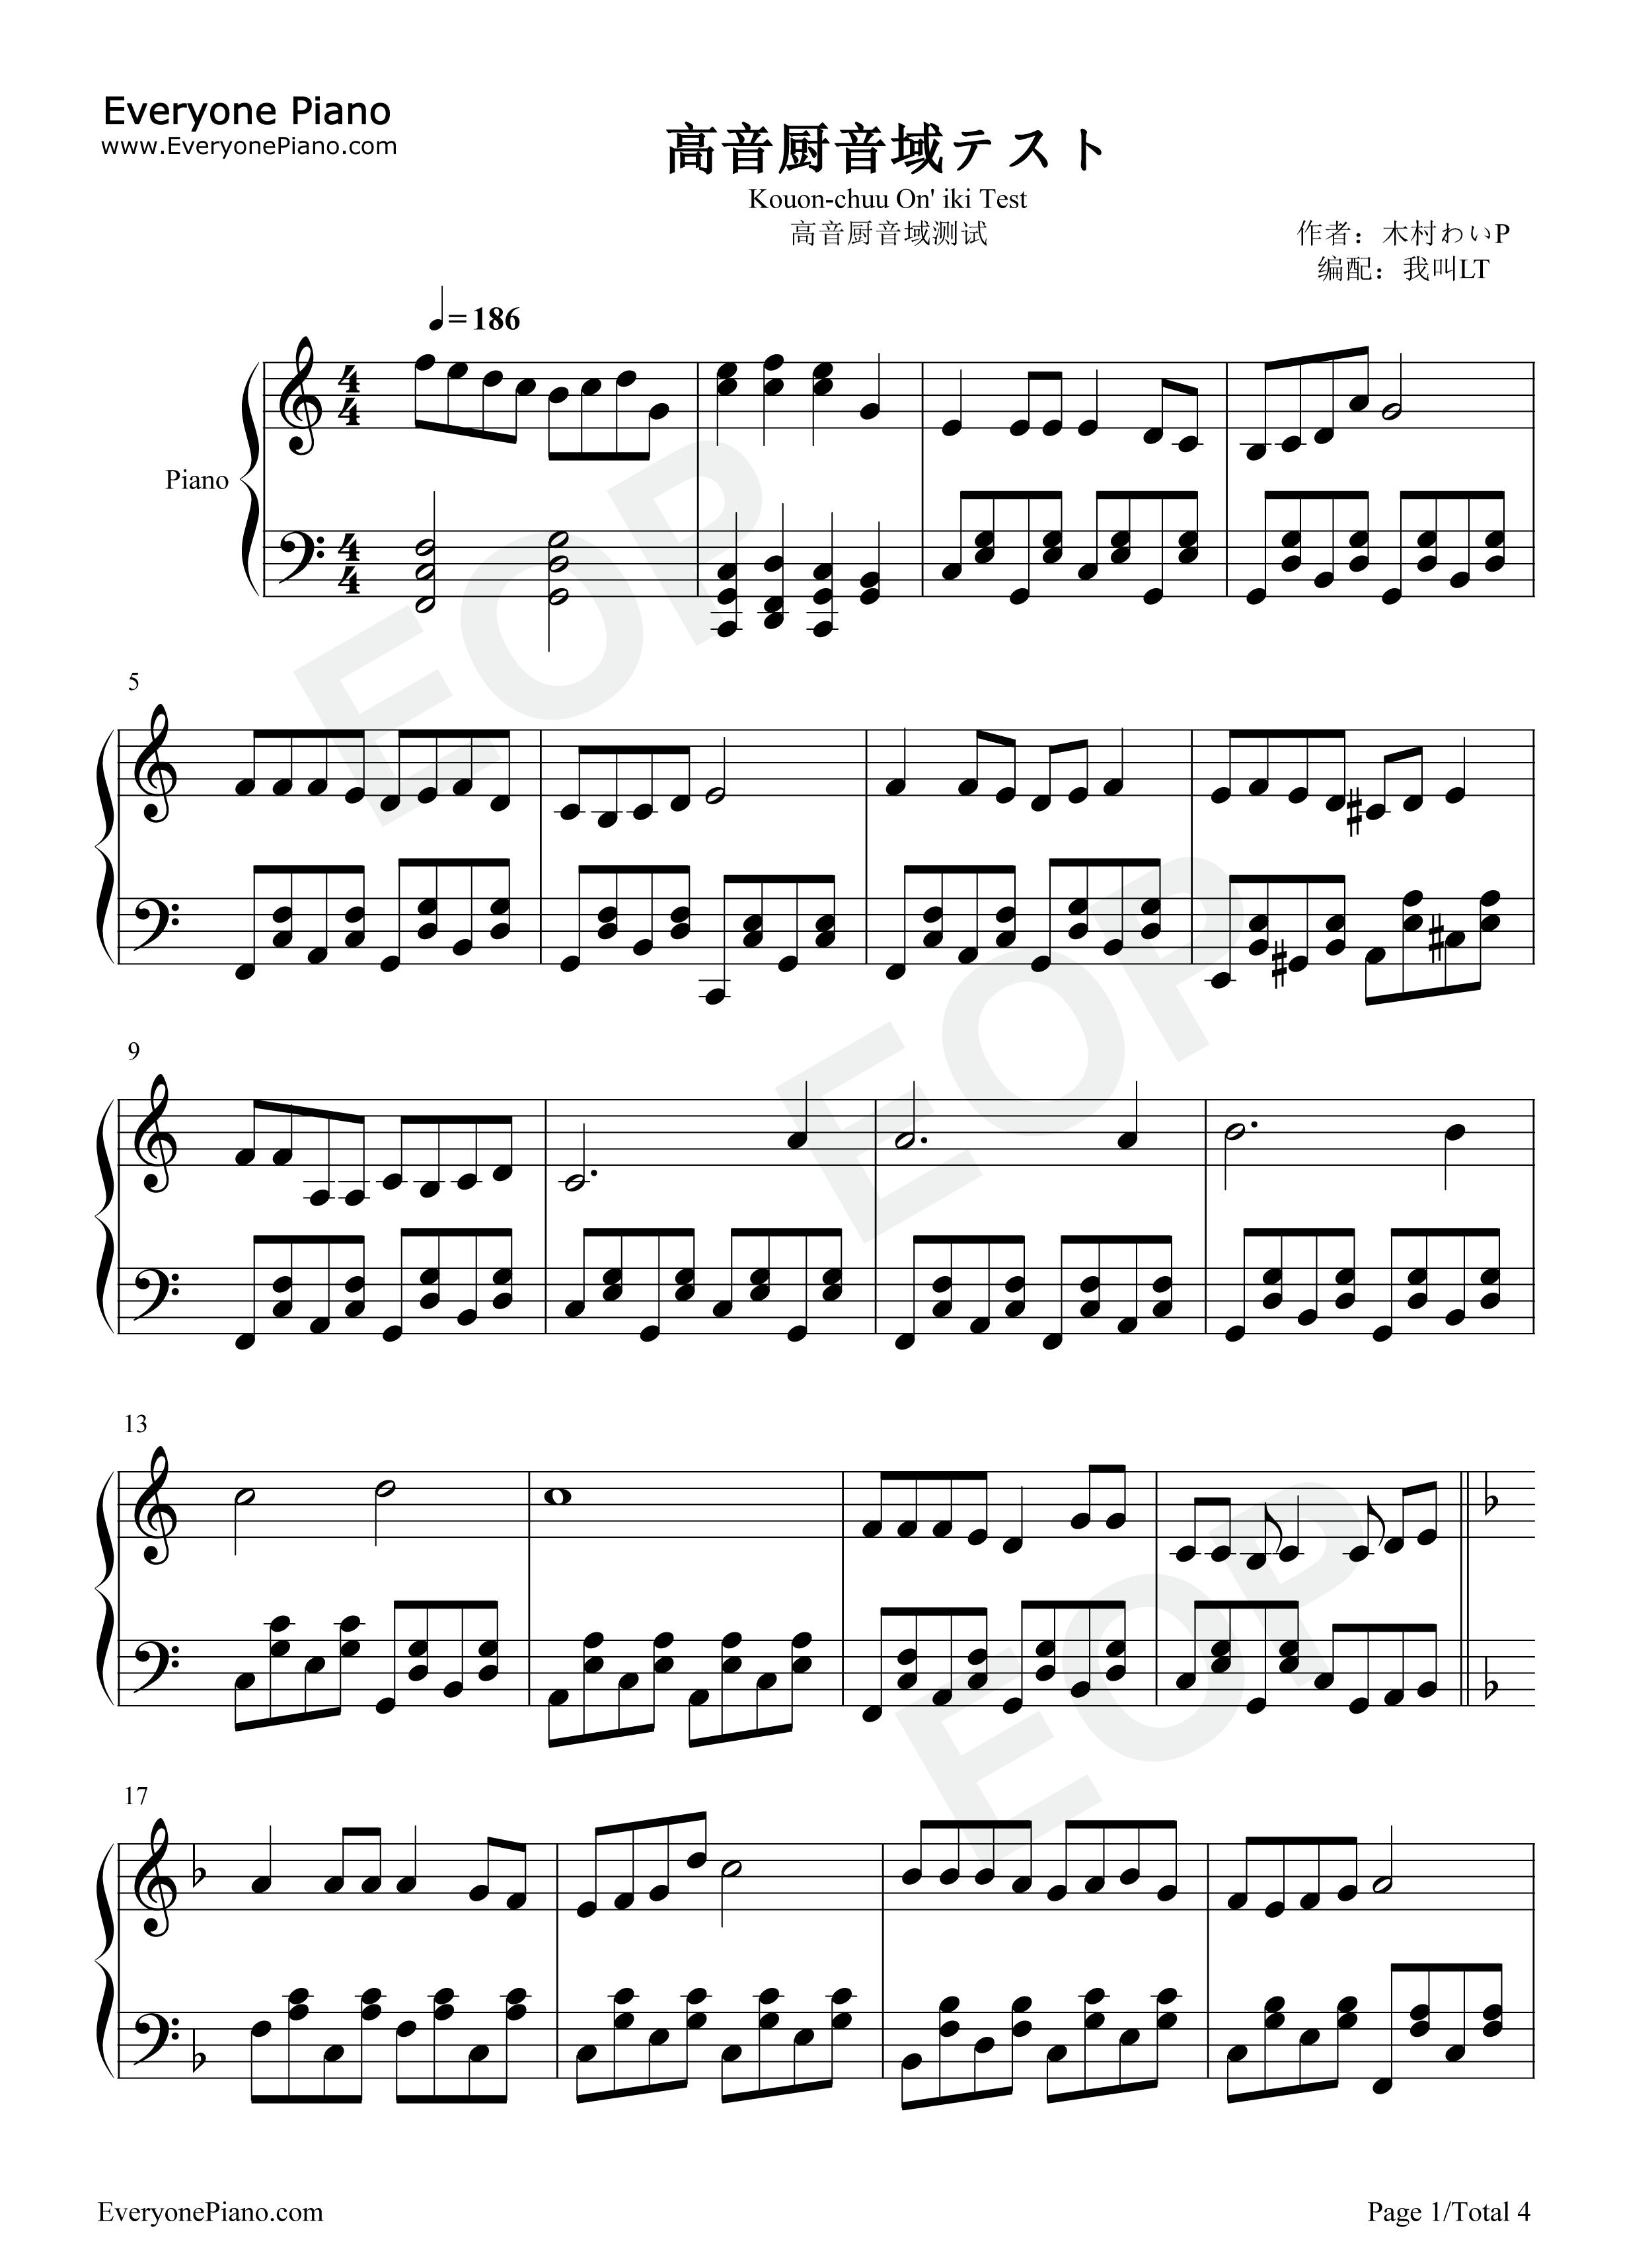 音域 高温 テスト 中 [一般説]高音域テストは歌の上手さと関係ある?ミックスボイス発声調査